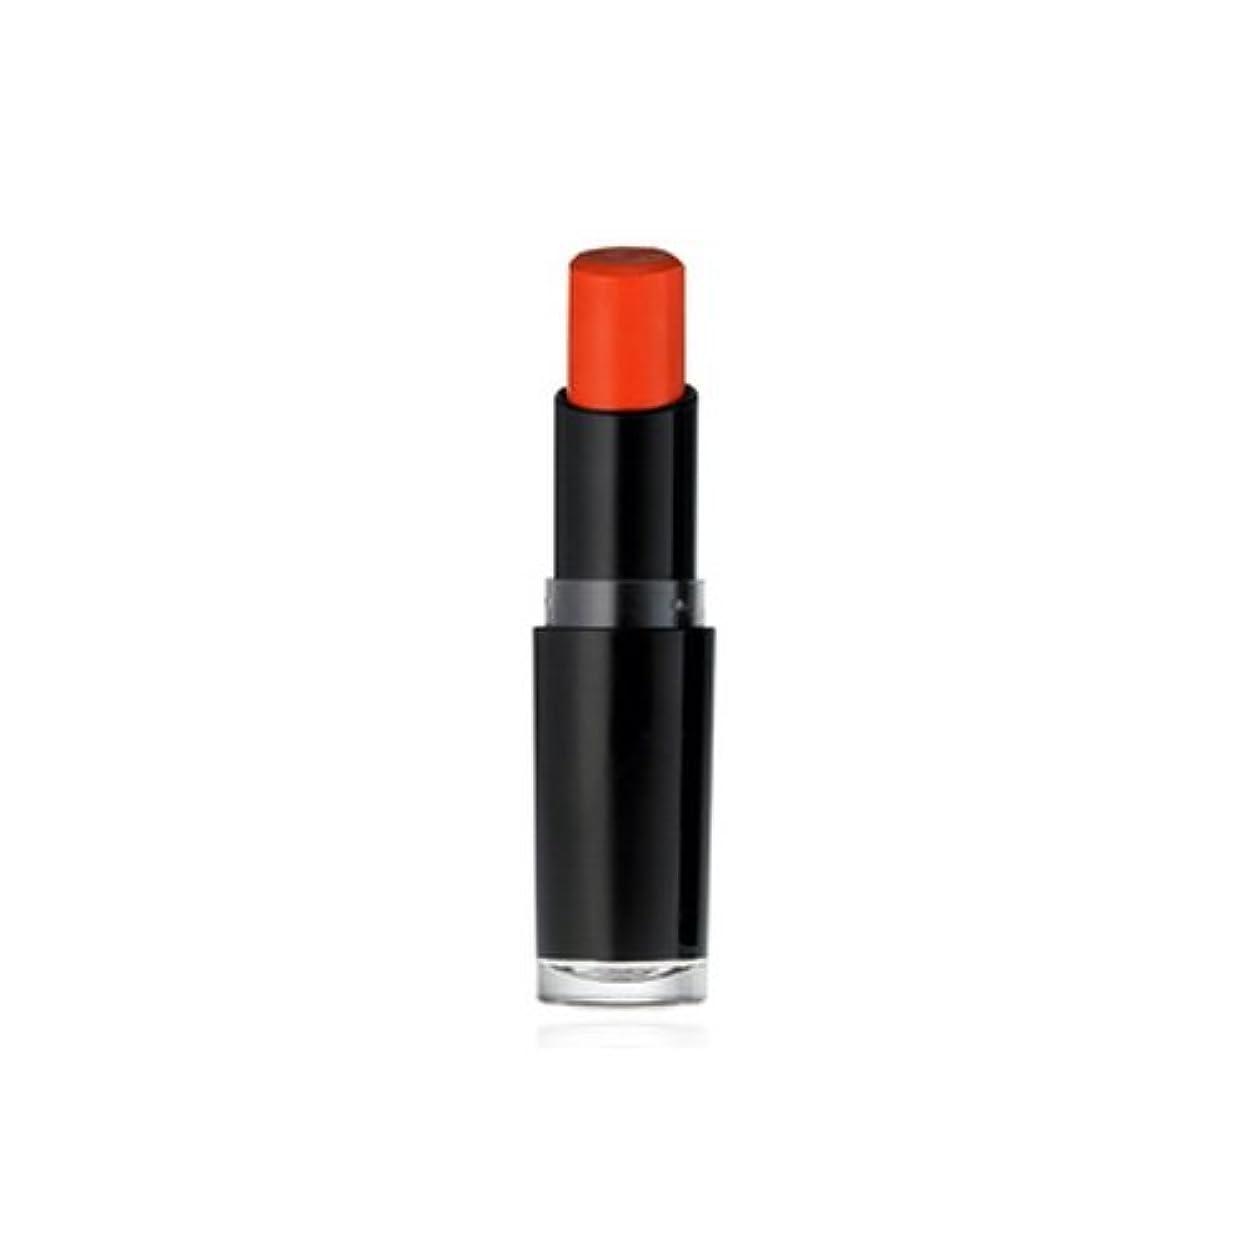 地殻レオナルドダ従来のWET N WILD Mega Last Matte Lip Cover - 24 Carrot Gold (並行輸入品)